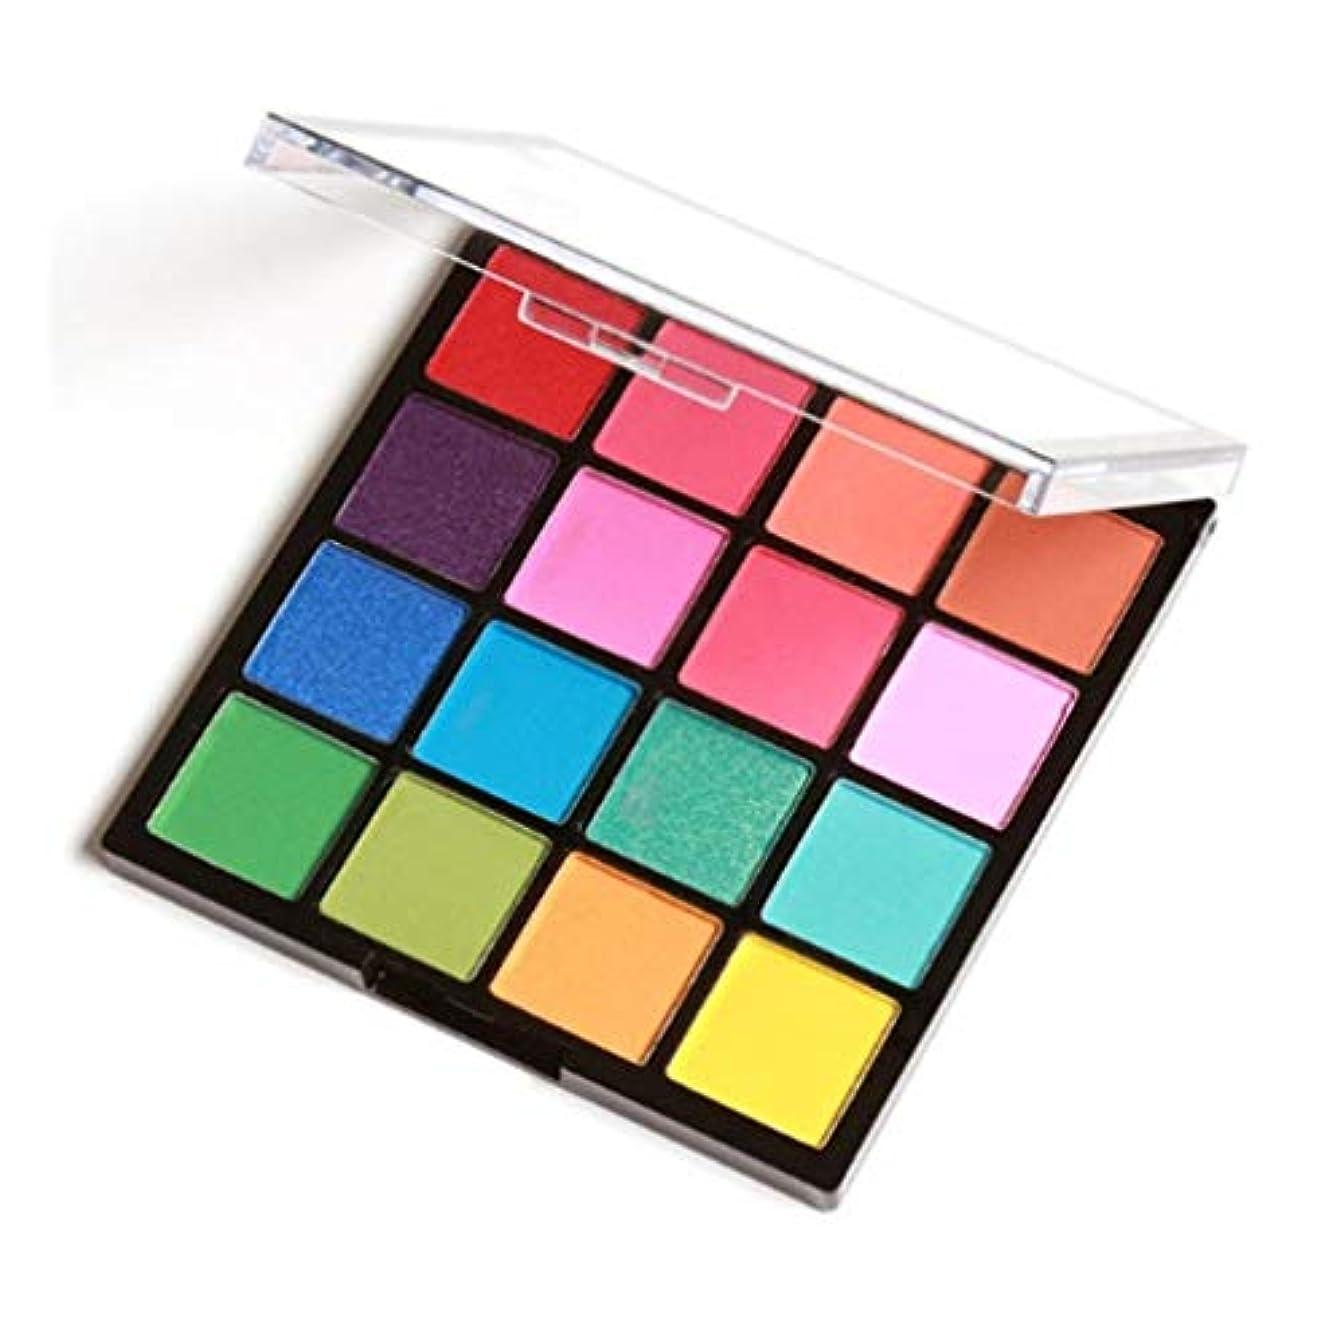 フィクション動揺させるナース16色/ SET女子プロアイメイクアップ化粧品パウダー防水ロングラスティングスモーキーアイシャドウパレットメイクアップセット